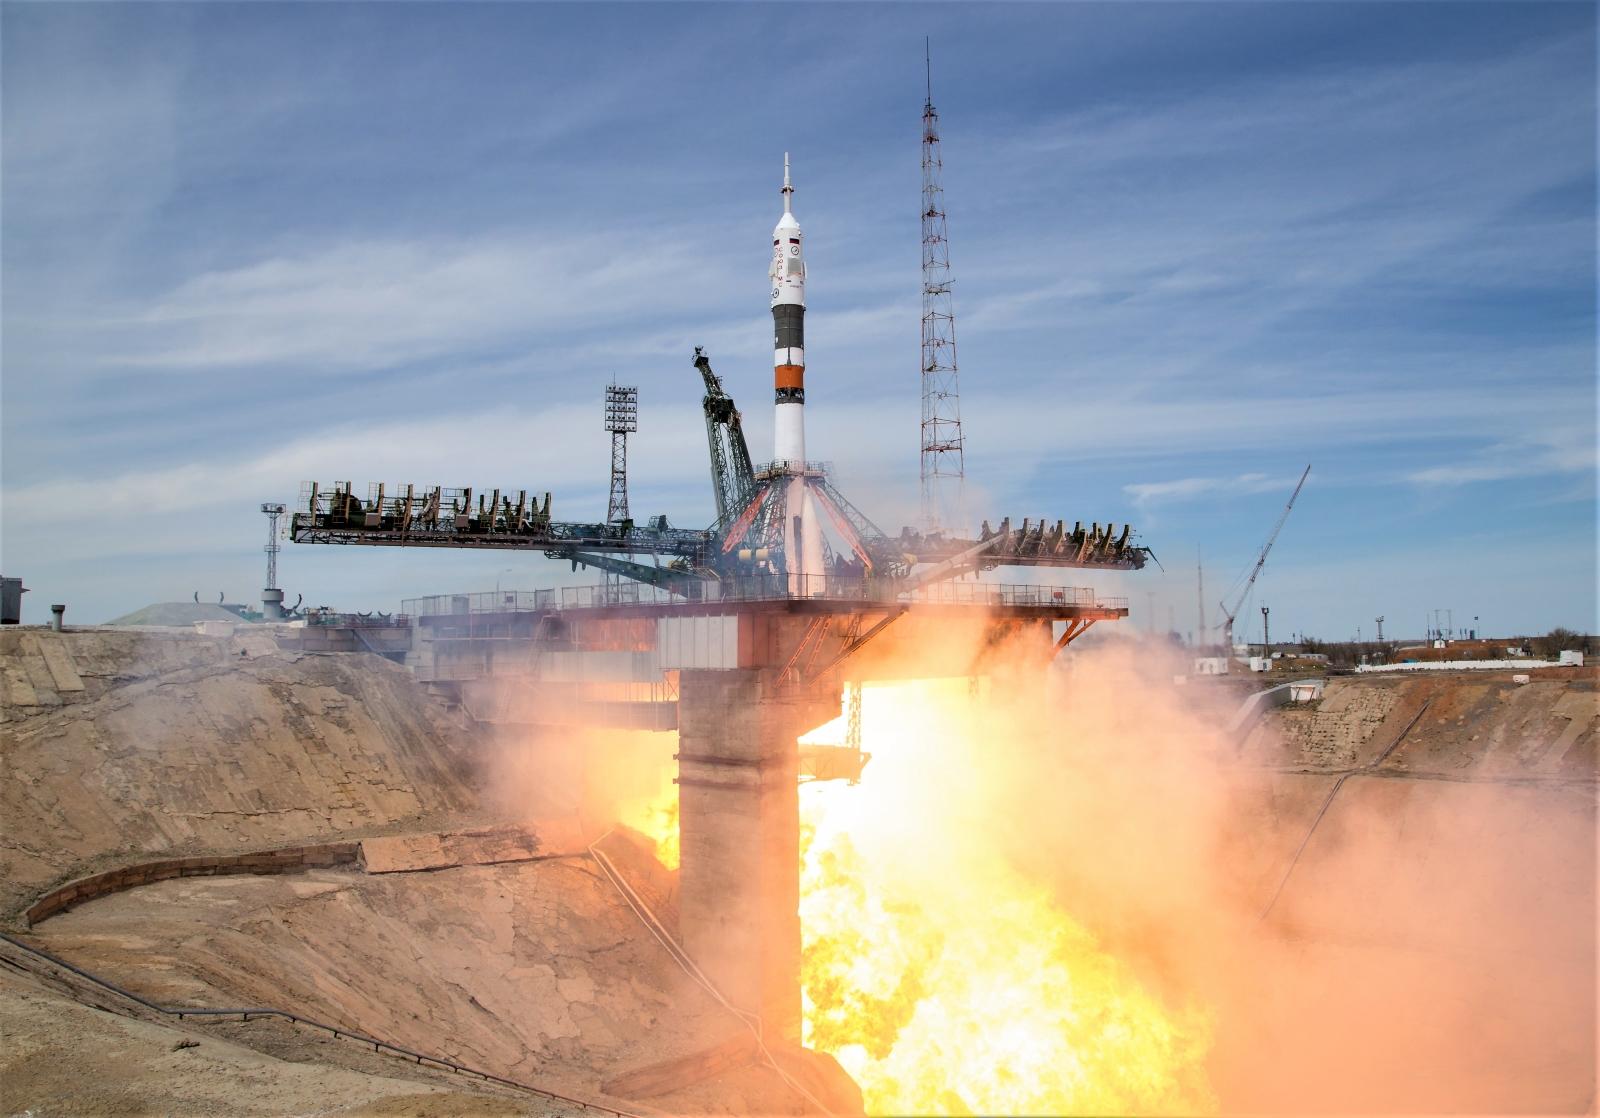 Soyuz MS-04